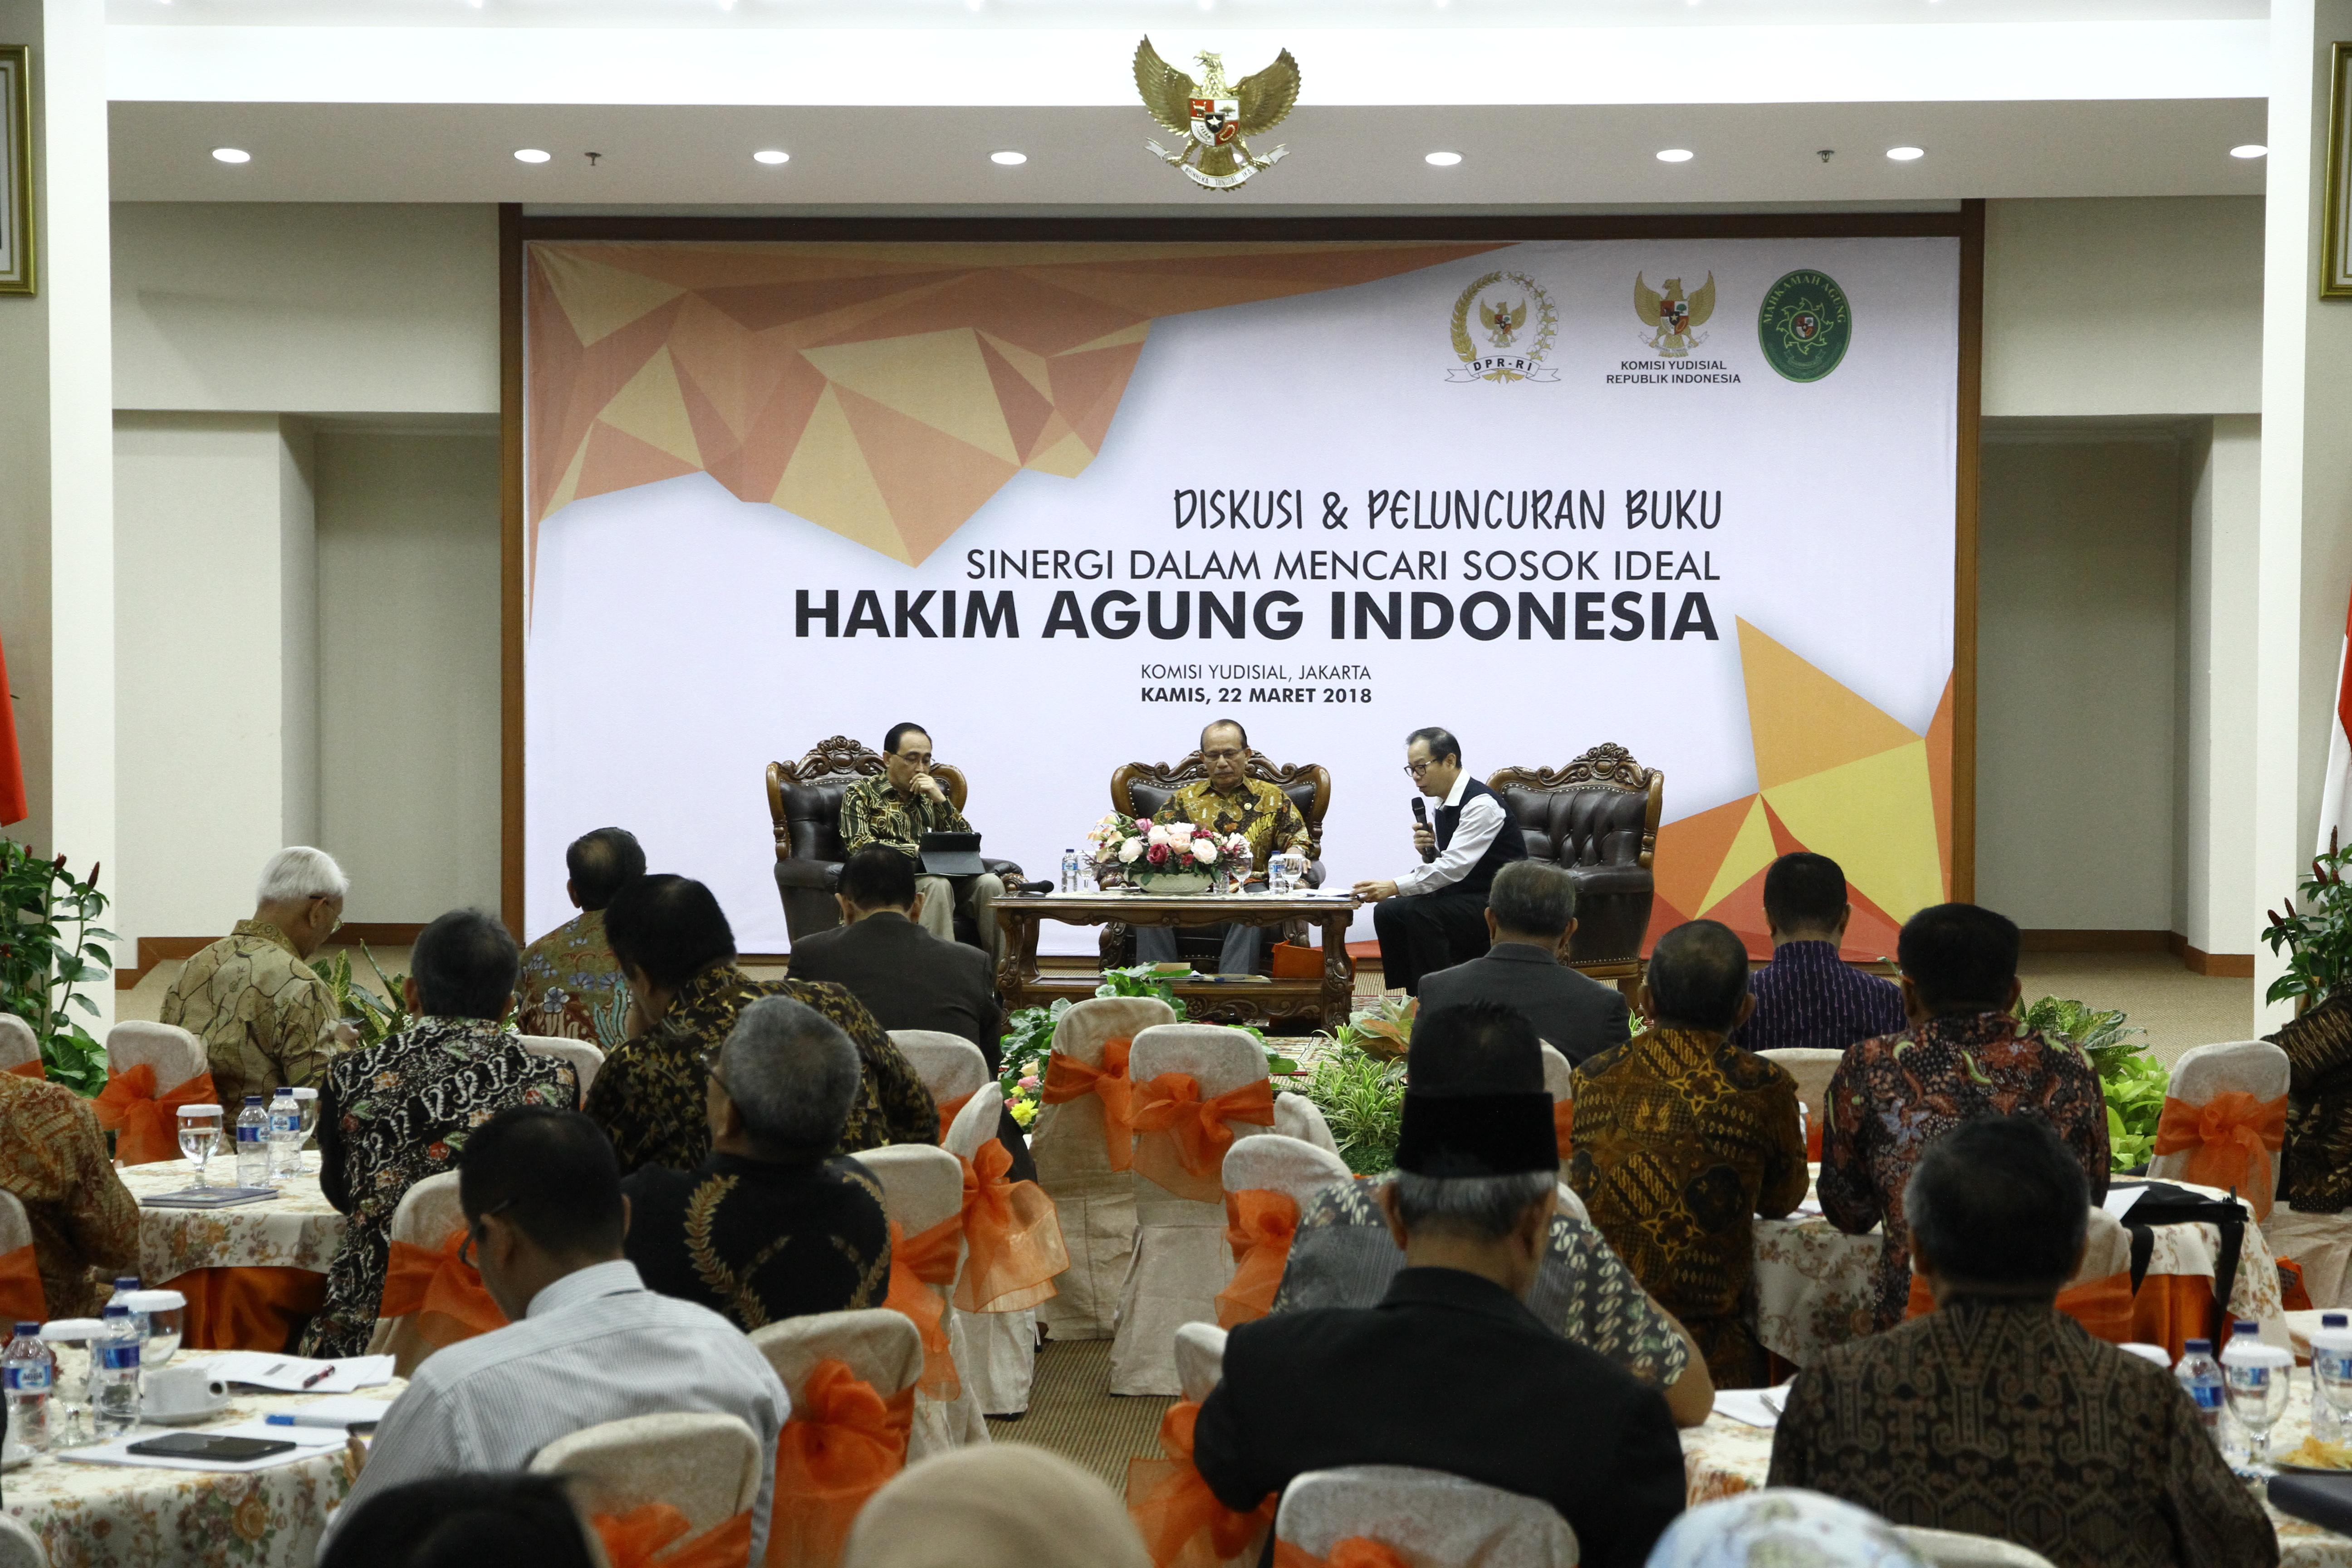 KETUA KAMAR PENGAWASAN MENJADI PEMBICARA PADA PELUNCURAN BUKU SINERGI DALAM MENCARI SOSOK IDEAL HAKIM AGUNG INDONESIA